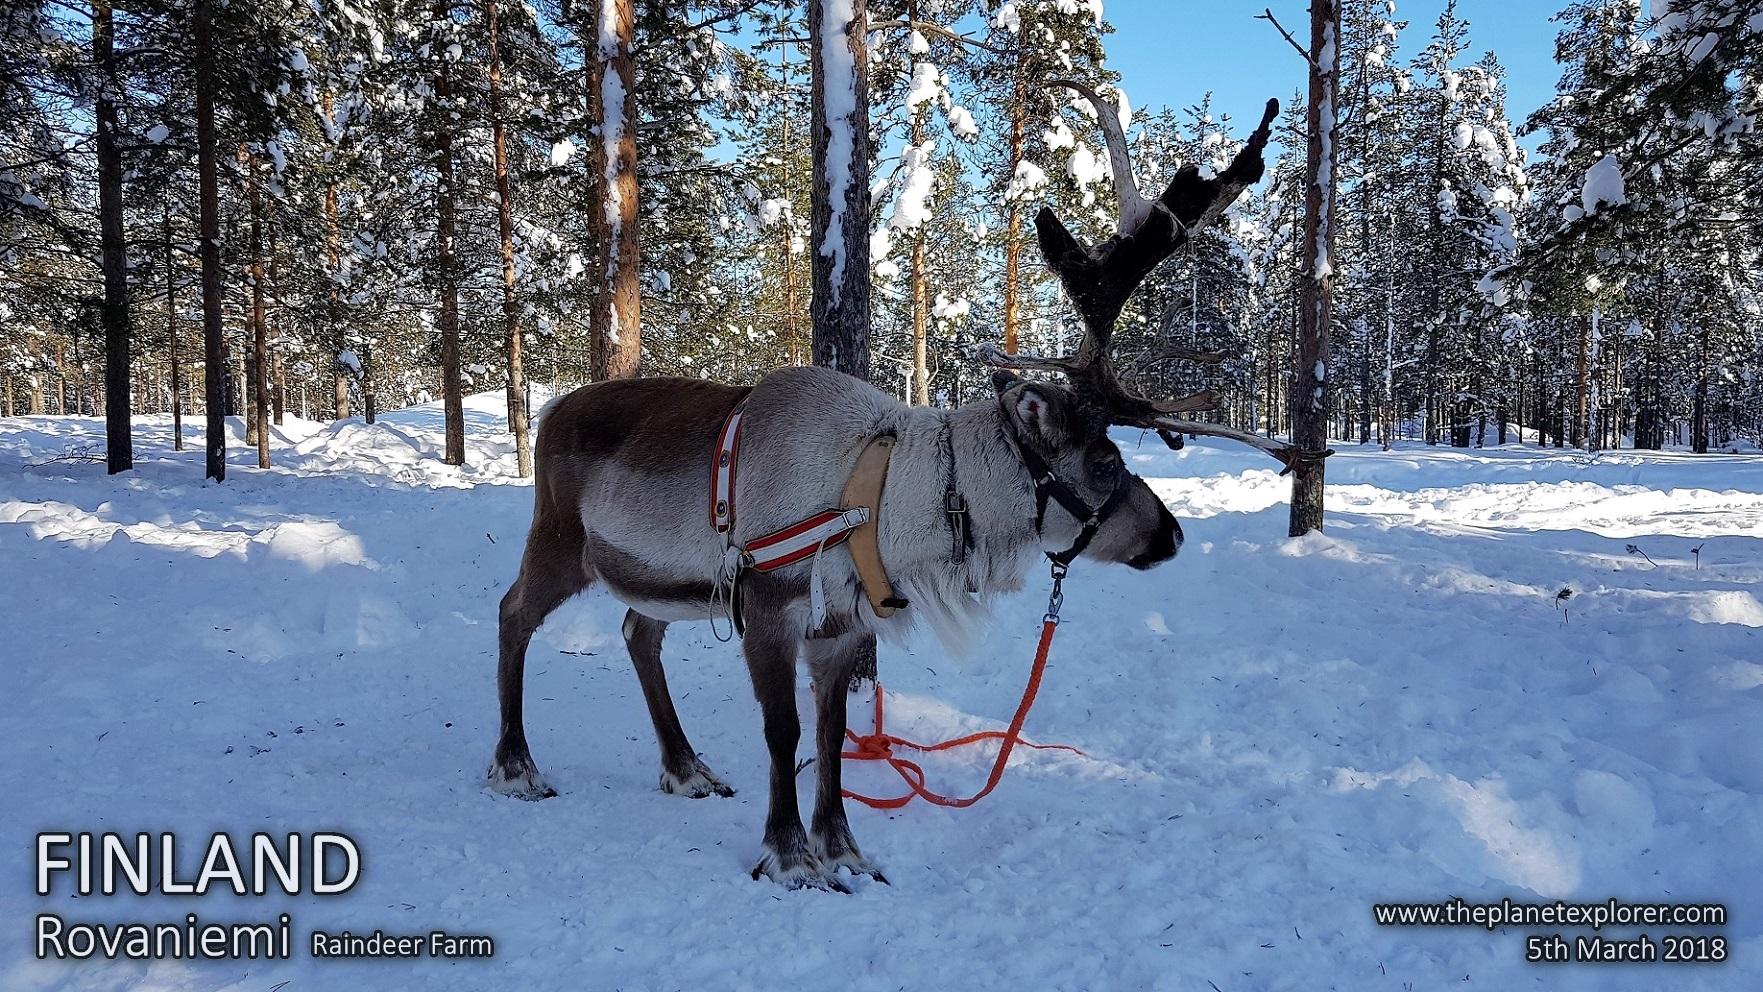 20180305_1324_Finland_Rovaniemi_Raindeer Farm_Raindeer_Samsung Note 8_LR_@www